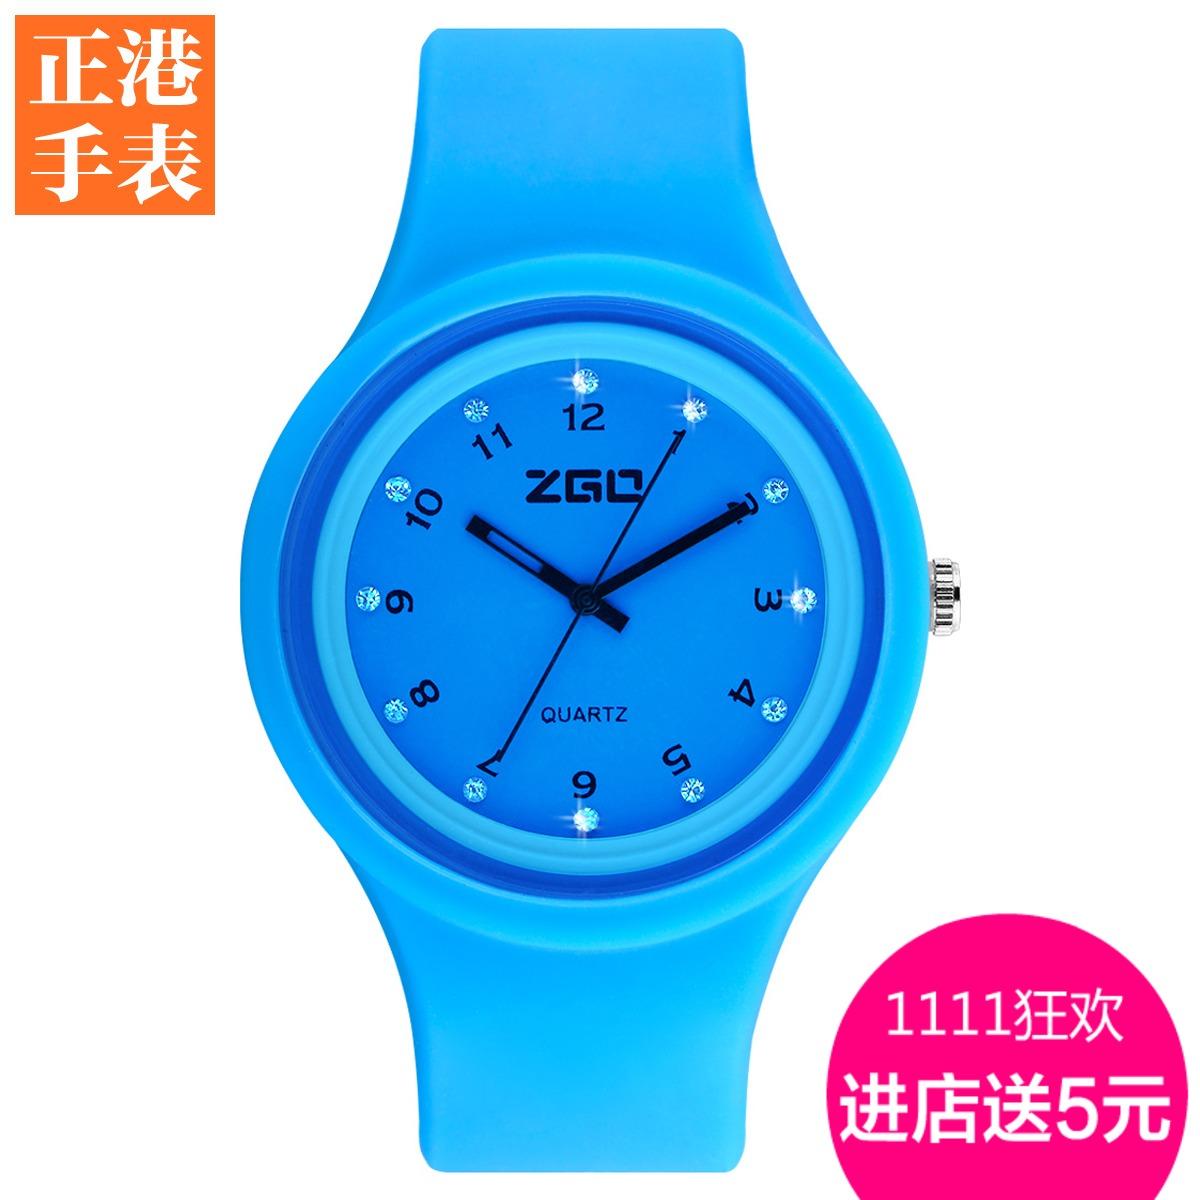 Наручные часы Are Hong Kong